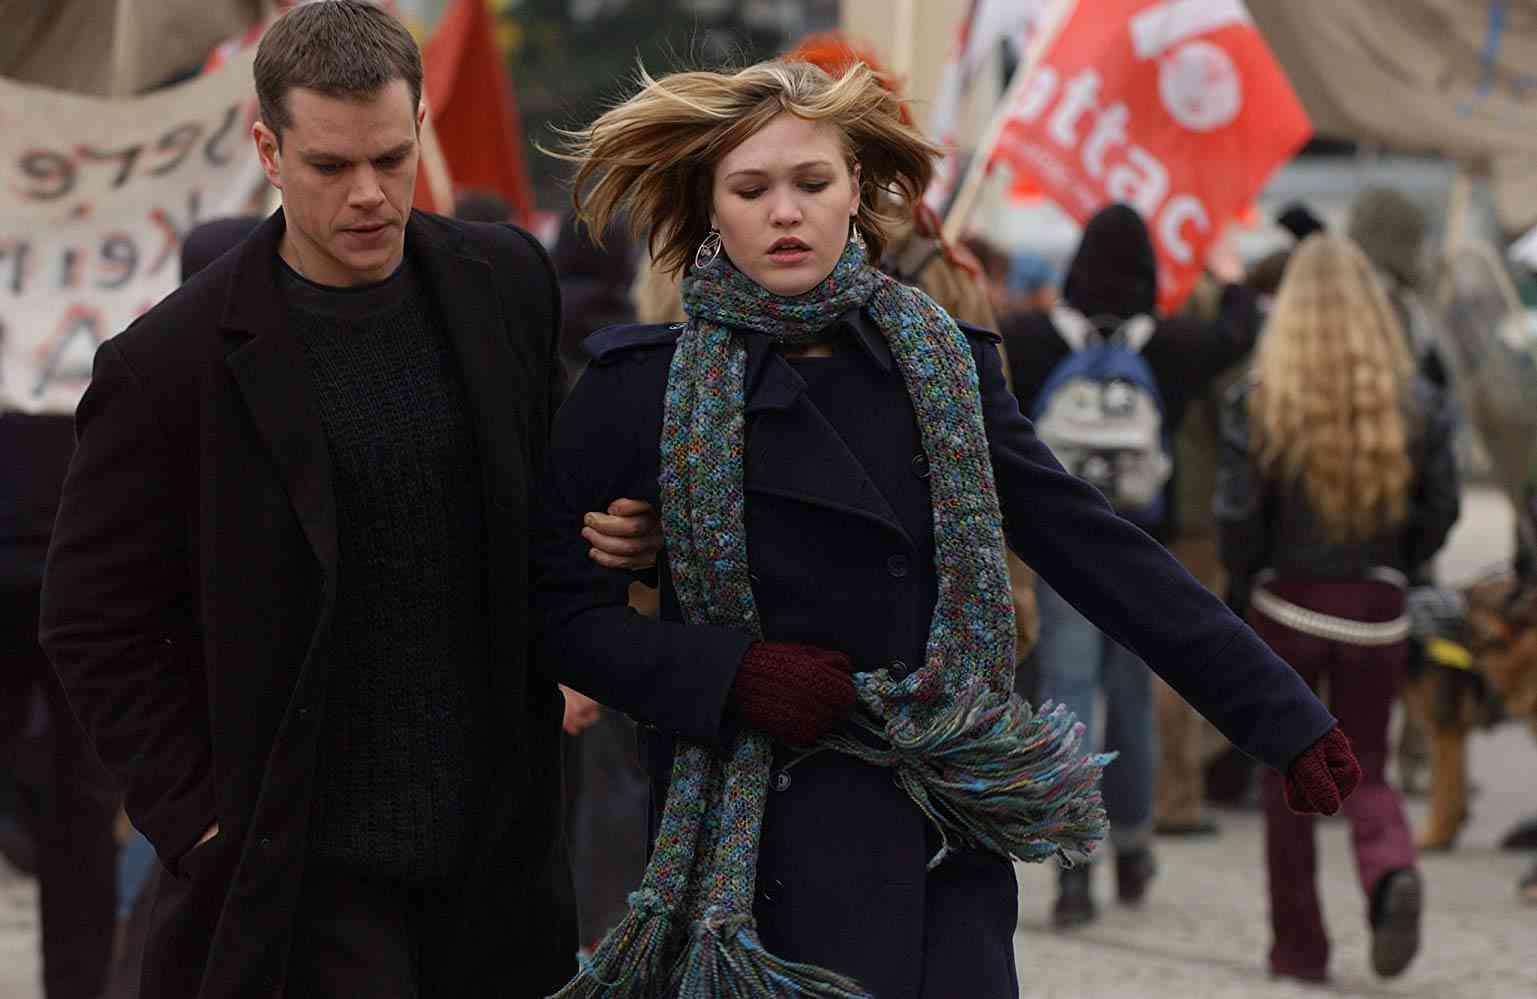 دانلود فیلم برتری بورن (The Bourne Supremacy 2004) با دوبله فارسی